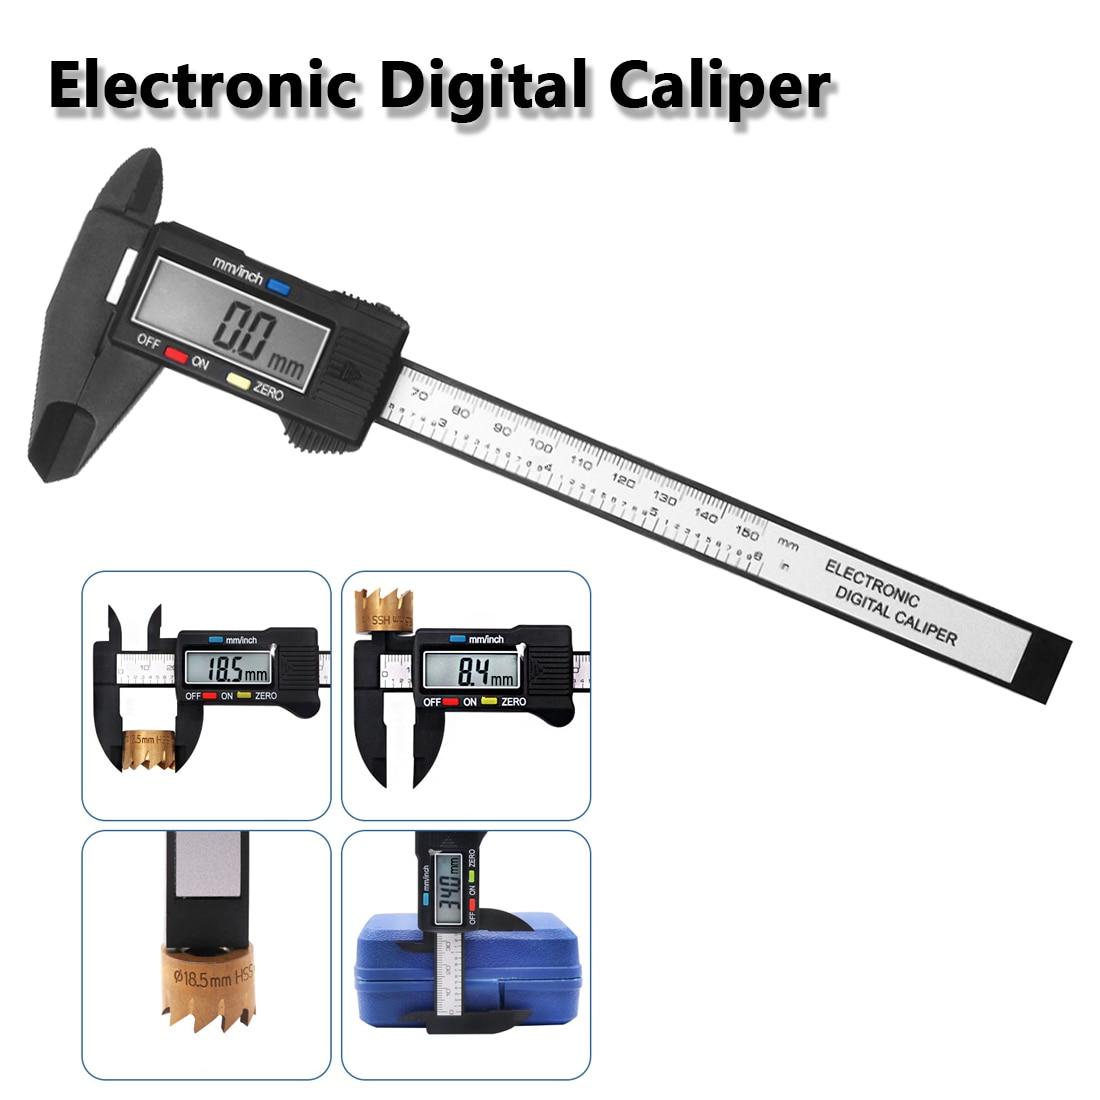 Regla micrométrica 150mm 6 pulgadas LCD Digital electrónica de fibra de carbono calibrador Vernier medidor compuesto Tester